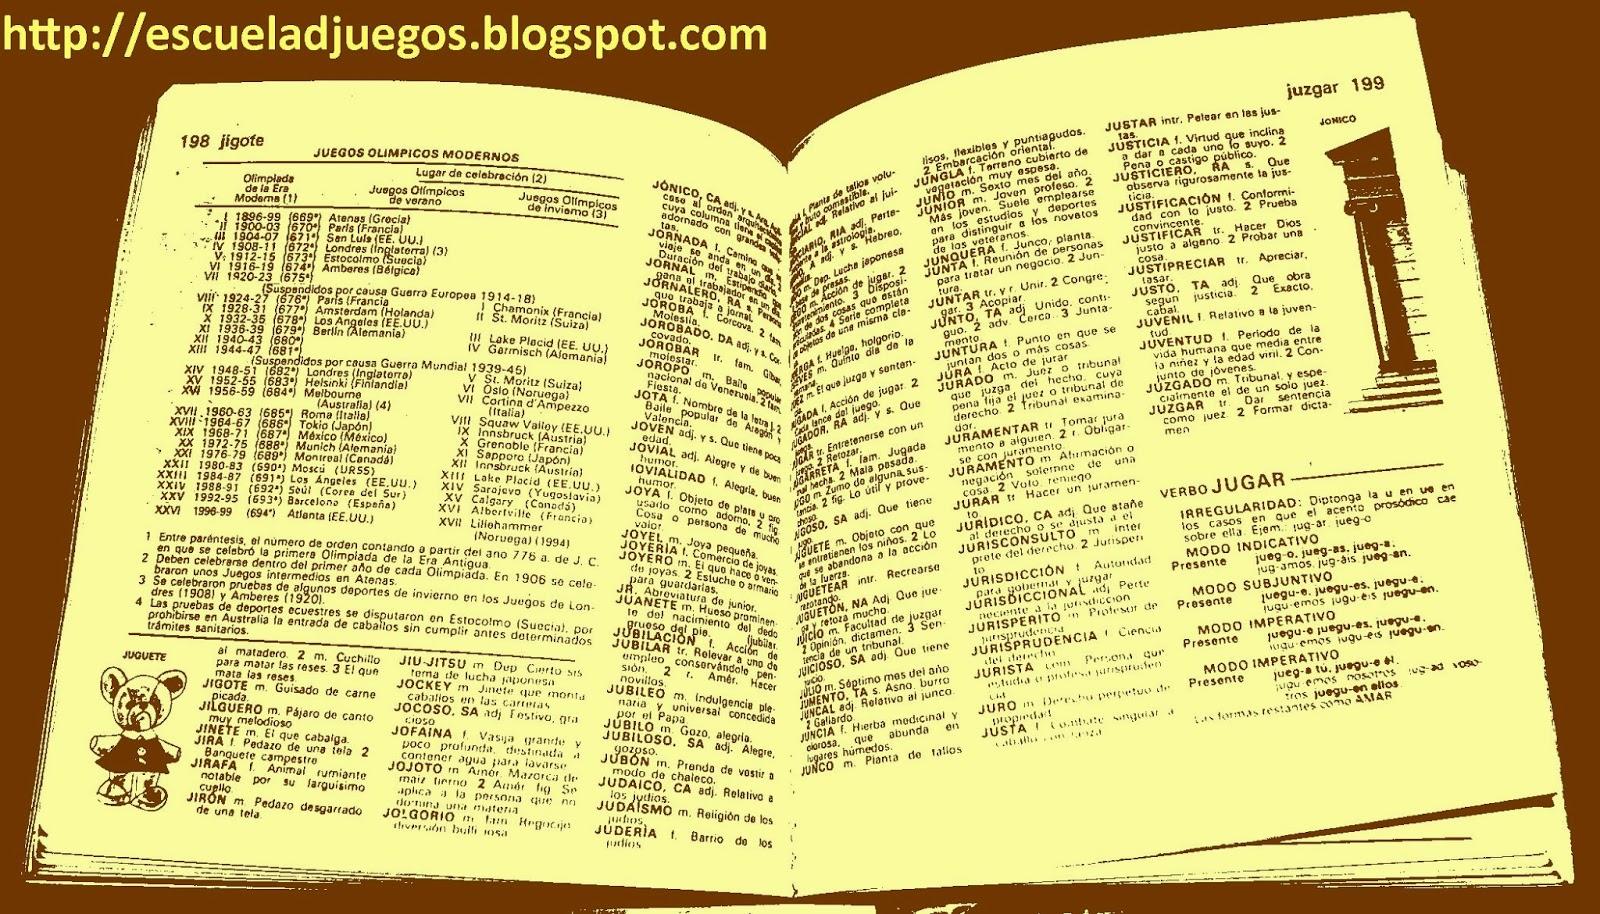 Diccionario que recoge la definición de términos útiles relacionados con los juegos de mesa.